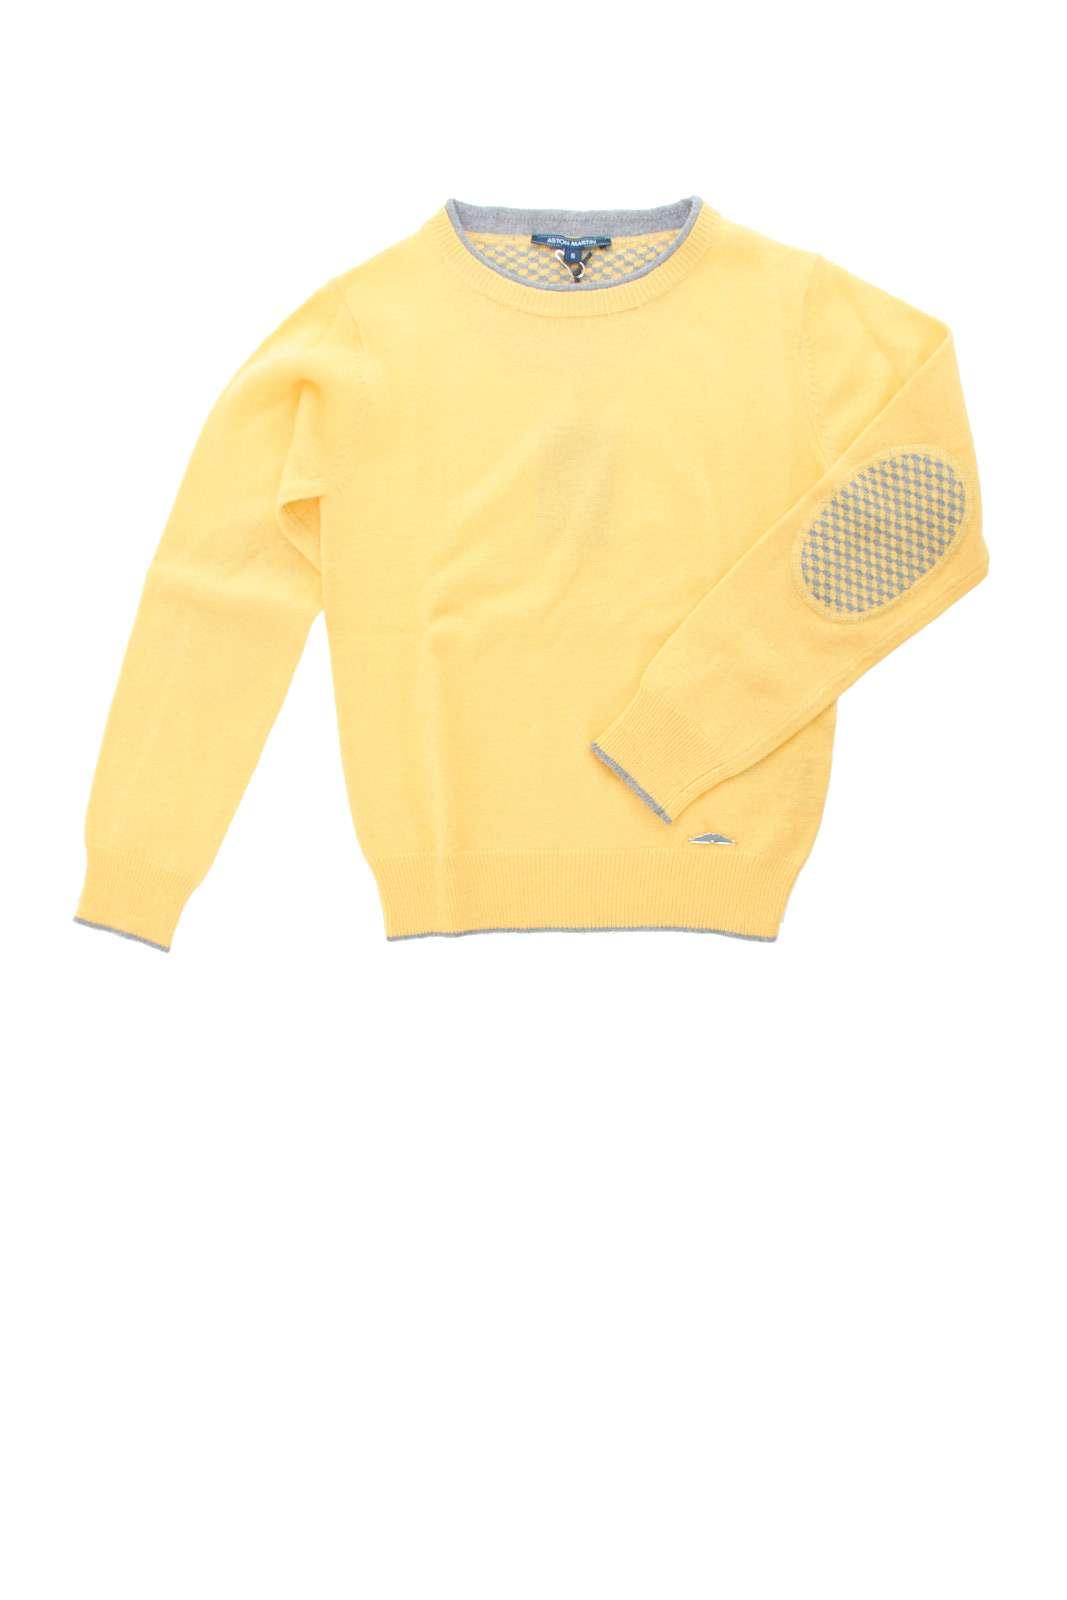 Una maglia in misto cachemire calda e glamour quella proposta per la collezione bambino Aston Martin. La linea minimal è impreziosita dai profili in contrasto e dalle toppe ai gomiti dal gusto chic. Un essential della moda per i più piccoli.